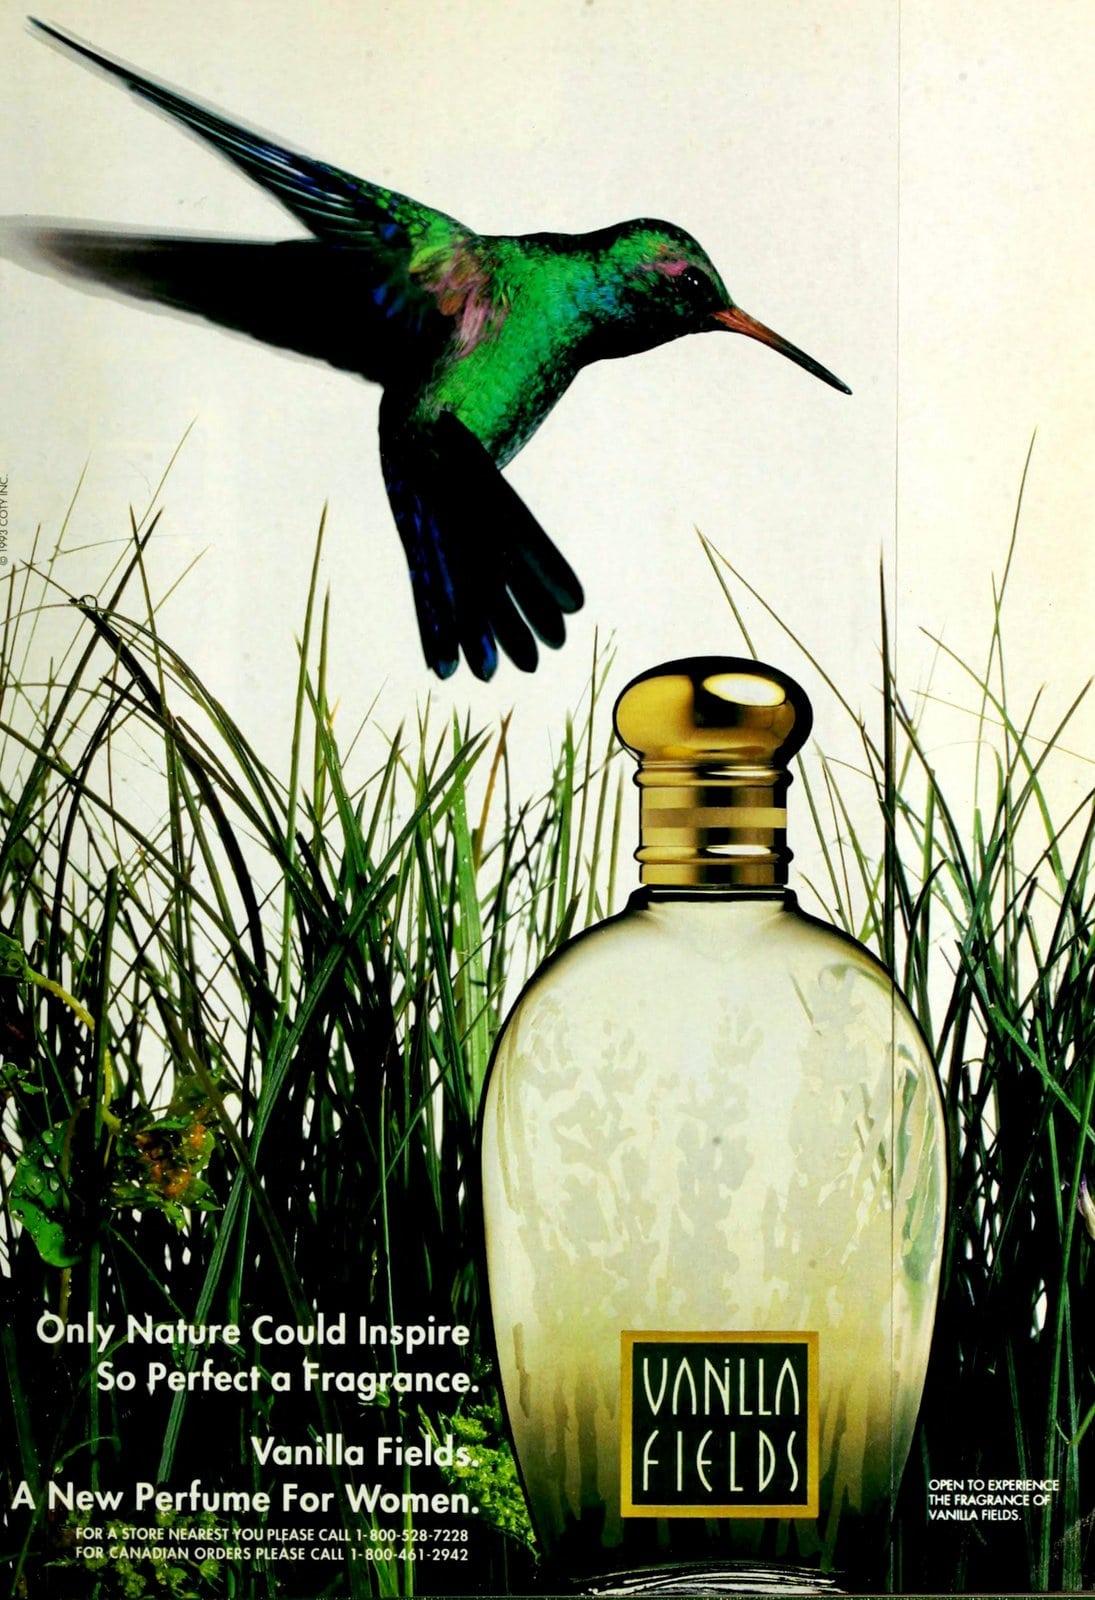 Vanilla Fields vintage fragrance (1993) at ClickAmericana.com